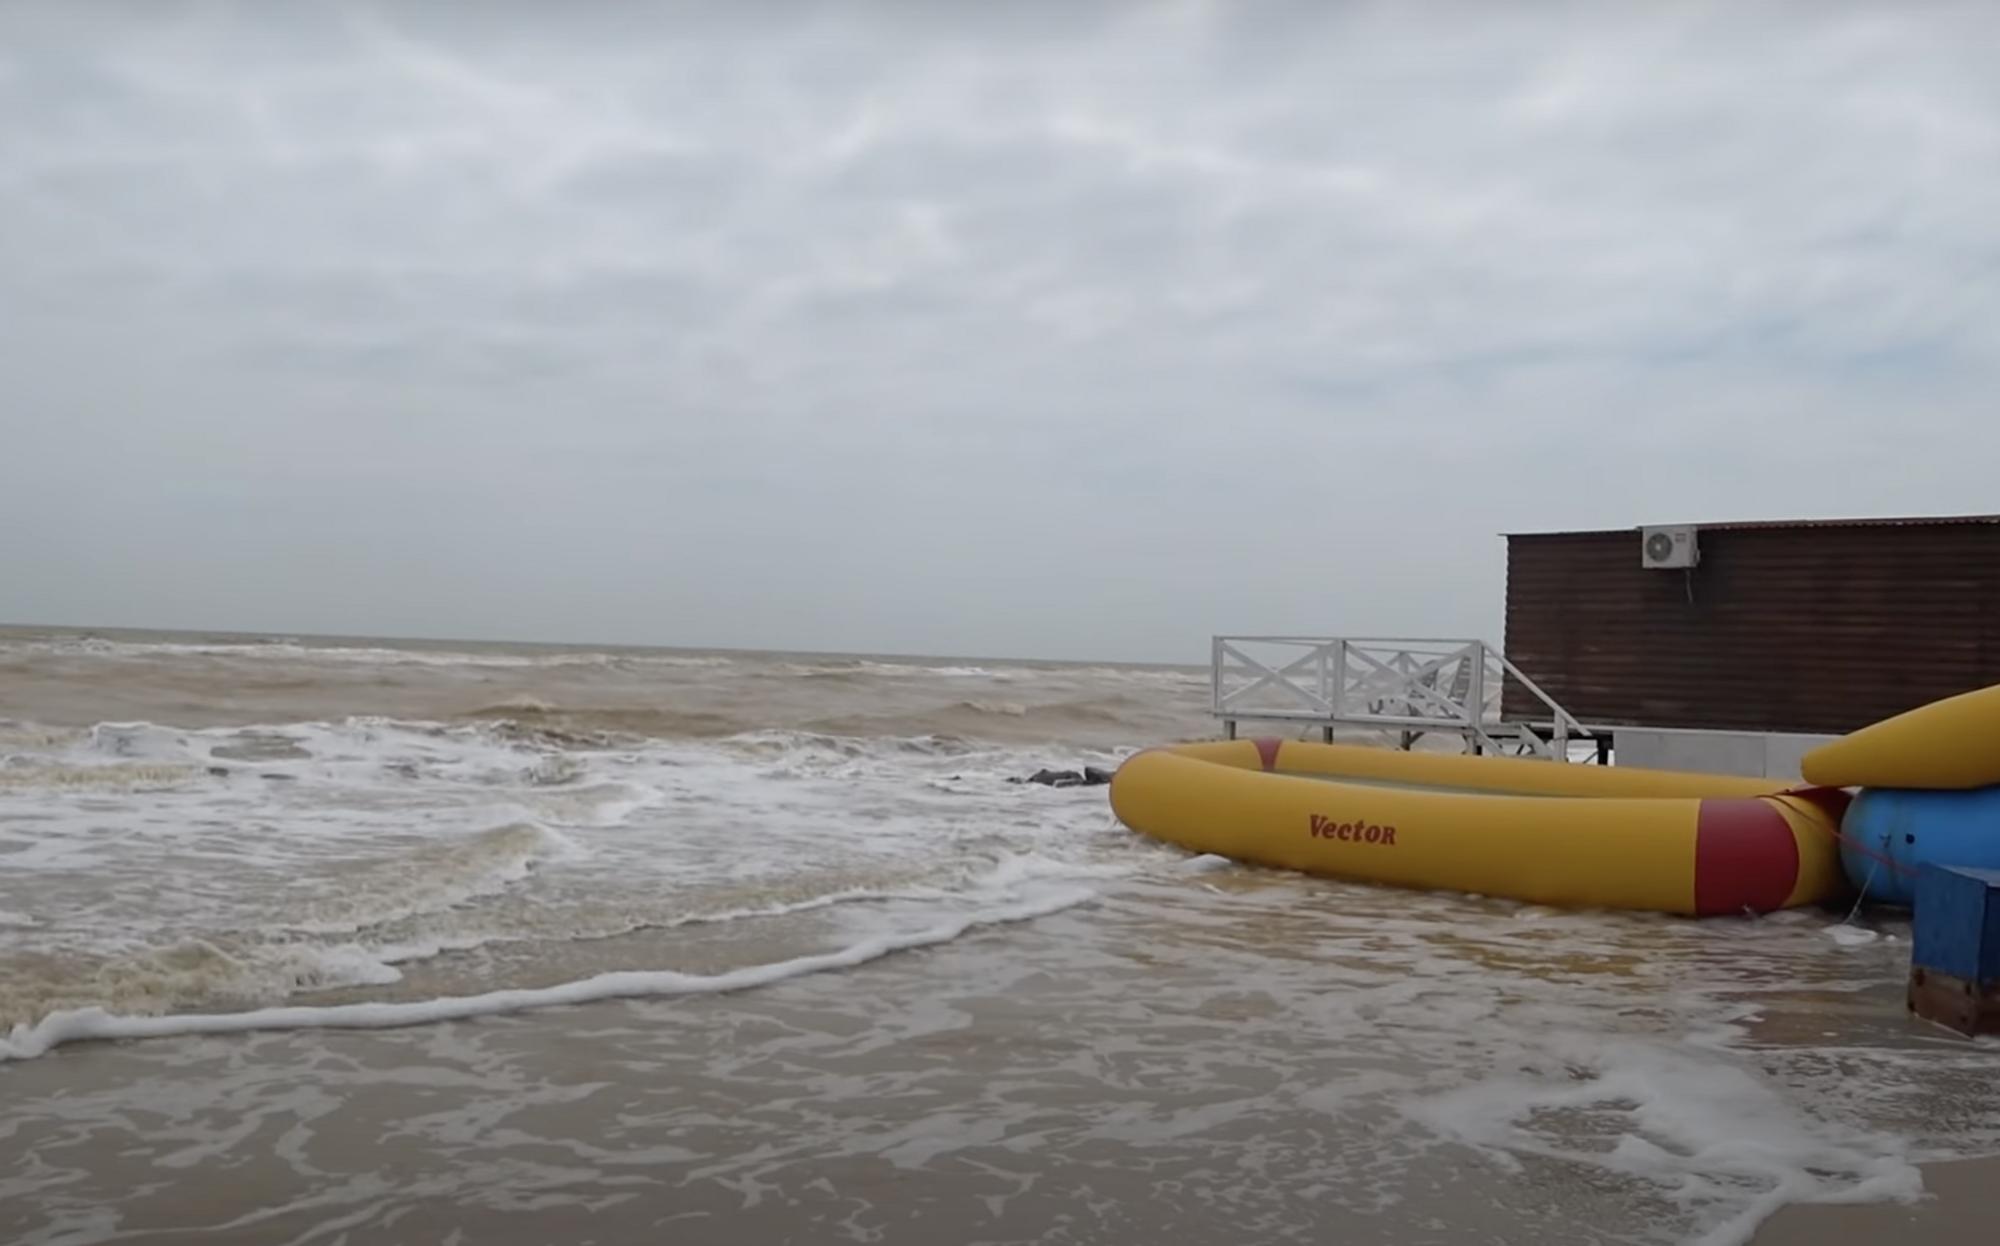 Люди не купаются в море из-за плохой погоды.